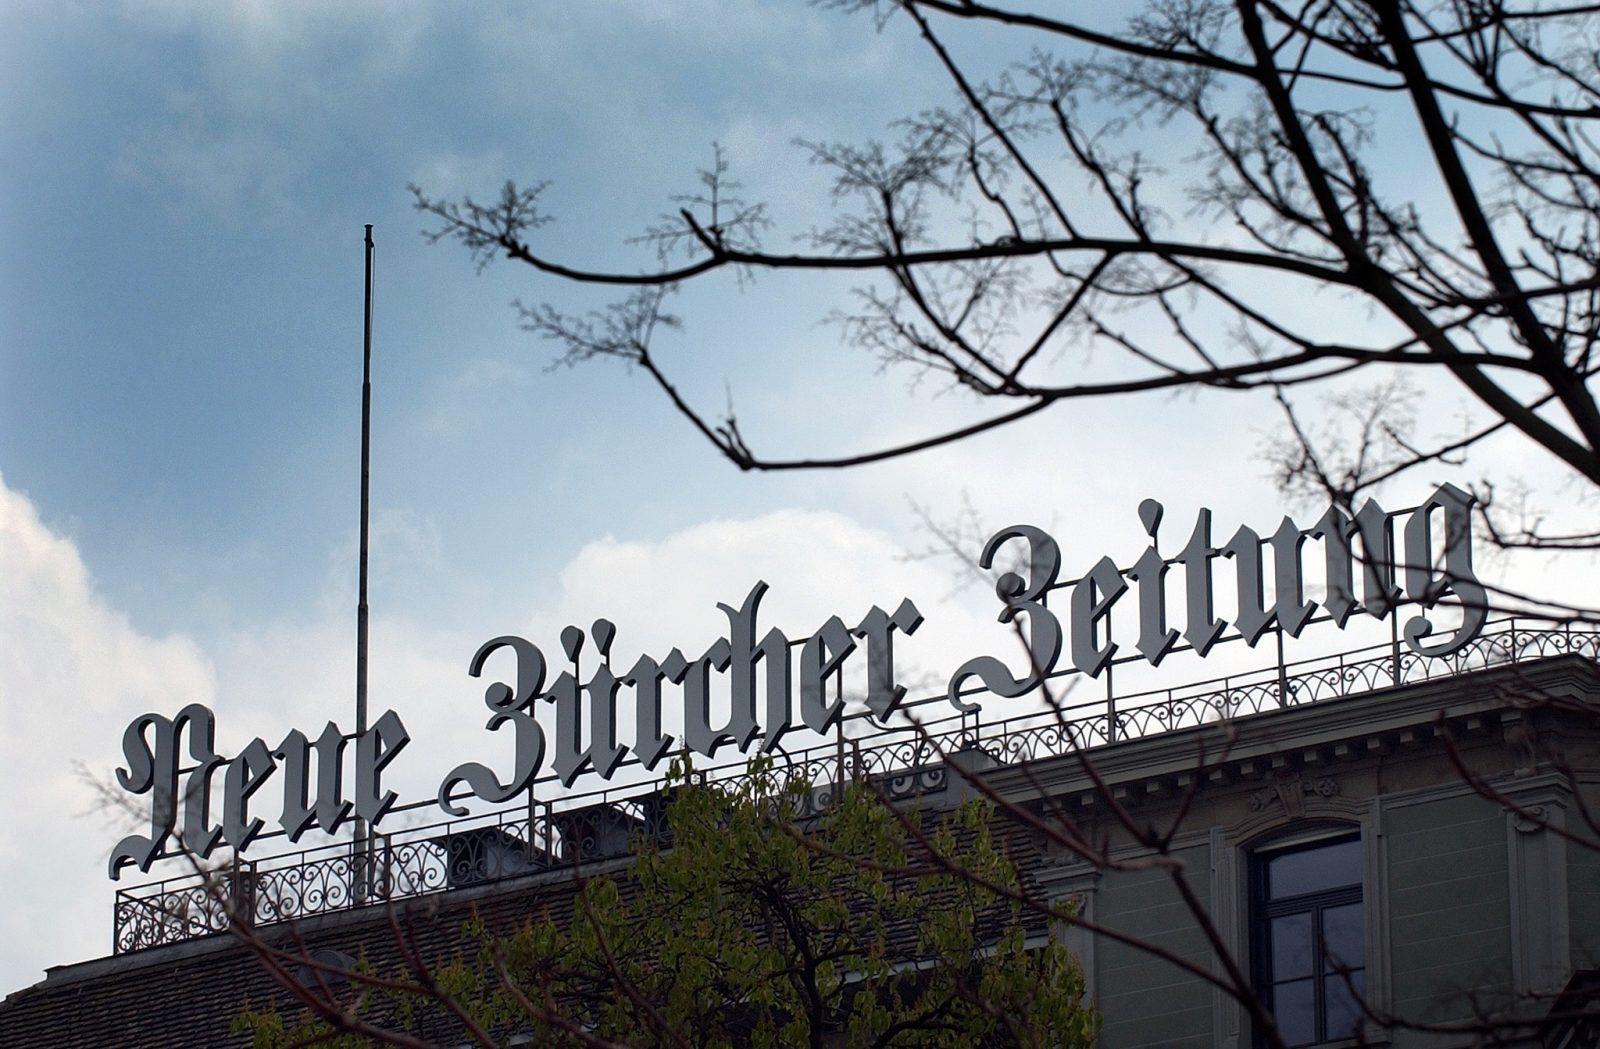 NZZ-Verlag in Zürich: Die Schweizer Tageszeitung will in Deutschland eine Marktlücke schließen, die der Linksschwenk der Medien vermeintlich hinterlassen habe